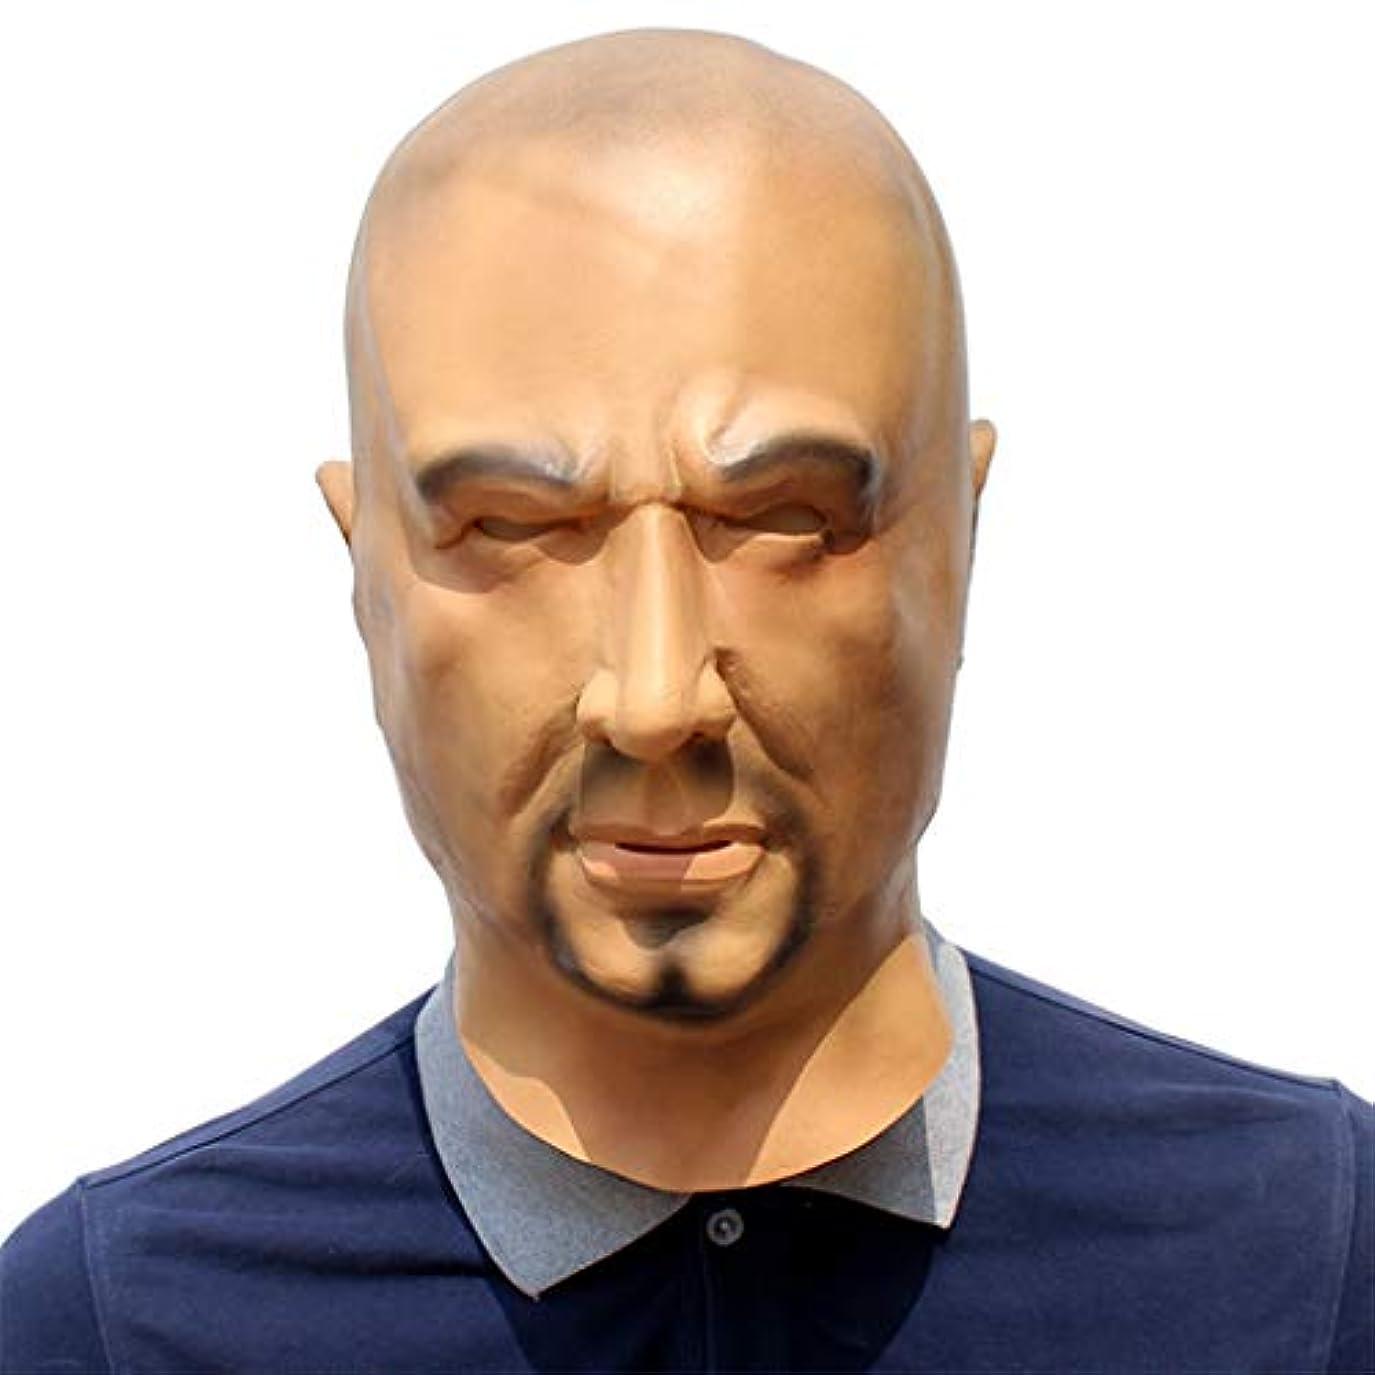 見捨てられたコミットメントリズミカルなハロウィーンマスク、ドレスアップフェイスマスク、ラテックス快適な現実的な顔ロールプレイングウィッグ、パーティーボールコスチュームプレイ、イースター